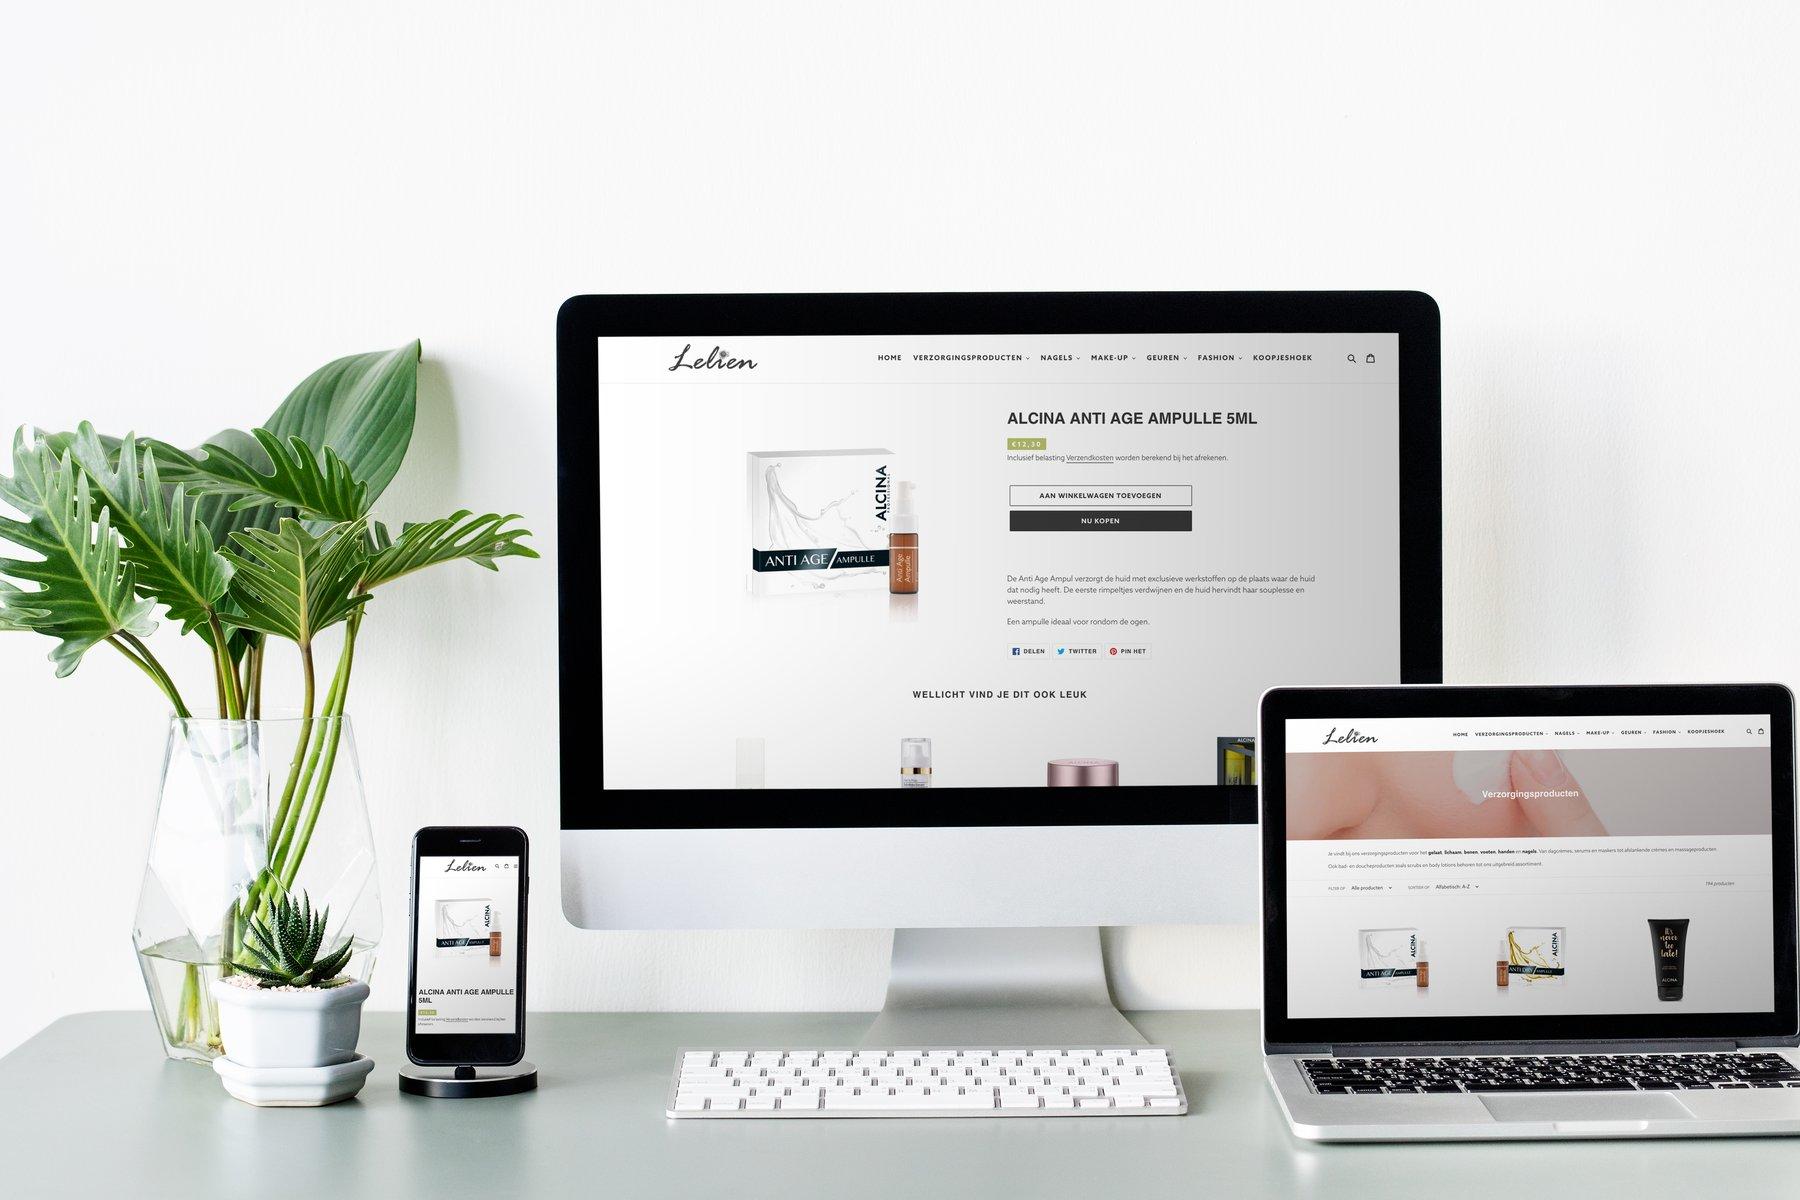 Lelien webshop Shopify